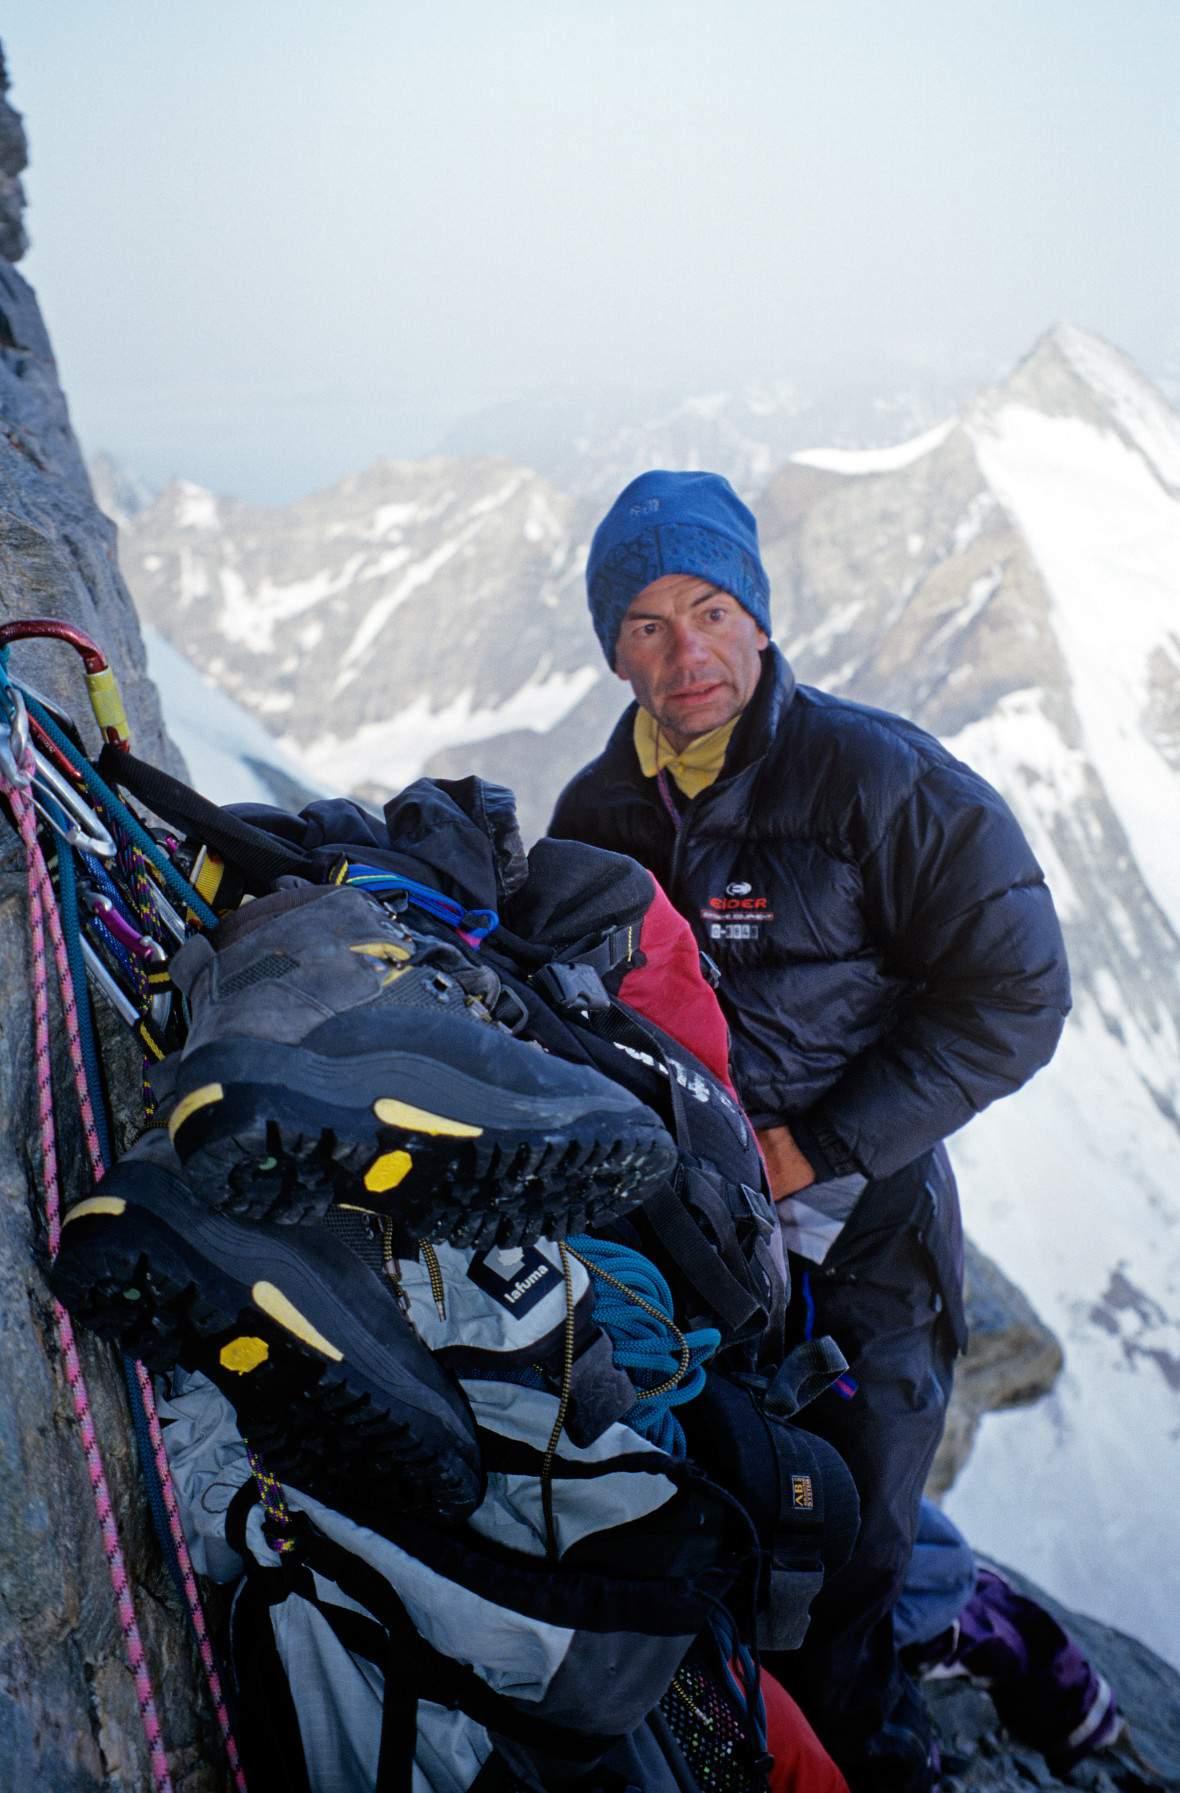 In prima ascensione sulla via Free Tibet del Naso di Zmutt, Patrick Gabarrou si appresta a smontare il bivacco. Foto Cesare Ravaschietto/Archivio Patrick Gabarrou, Cluses.